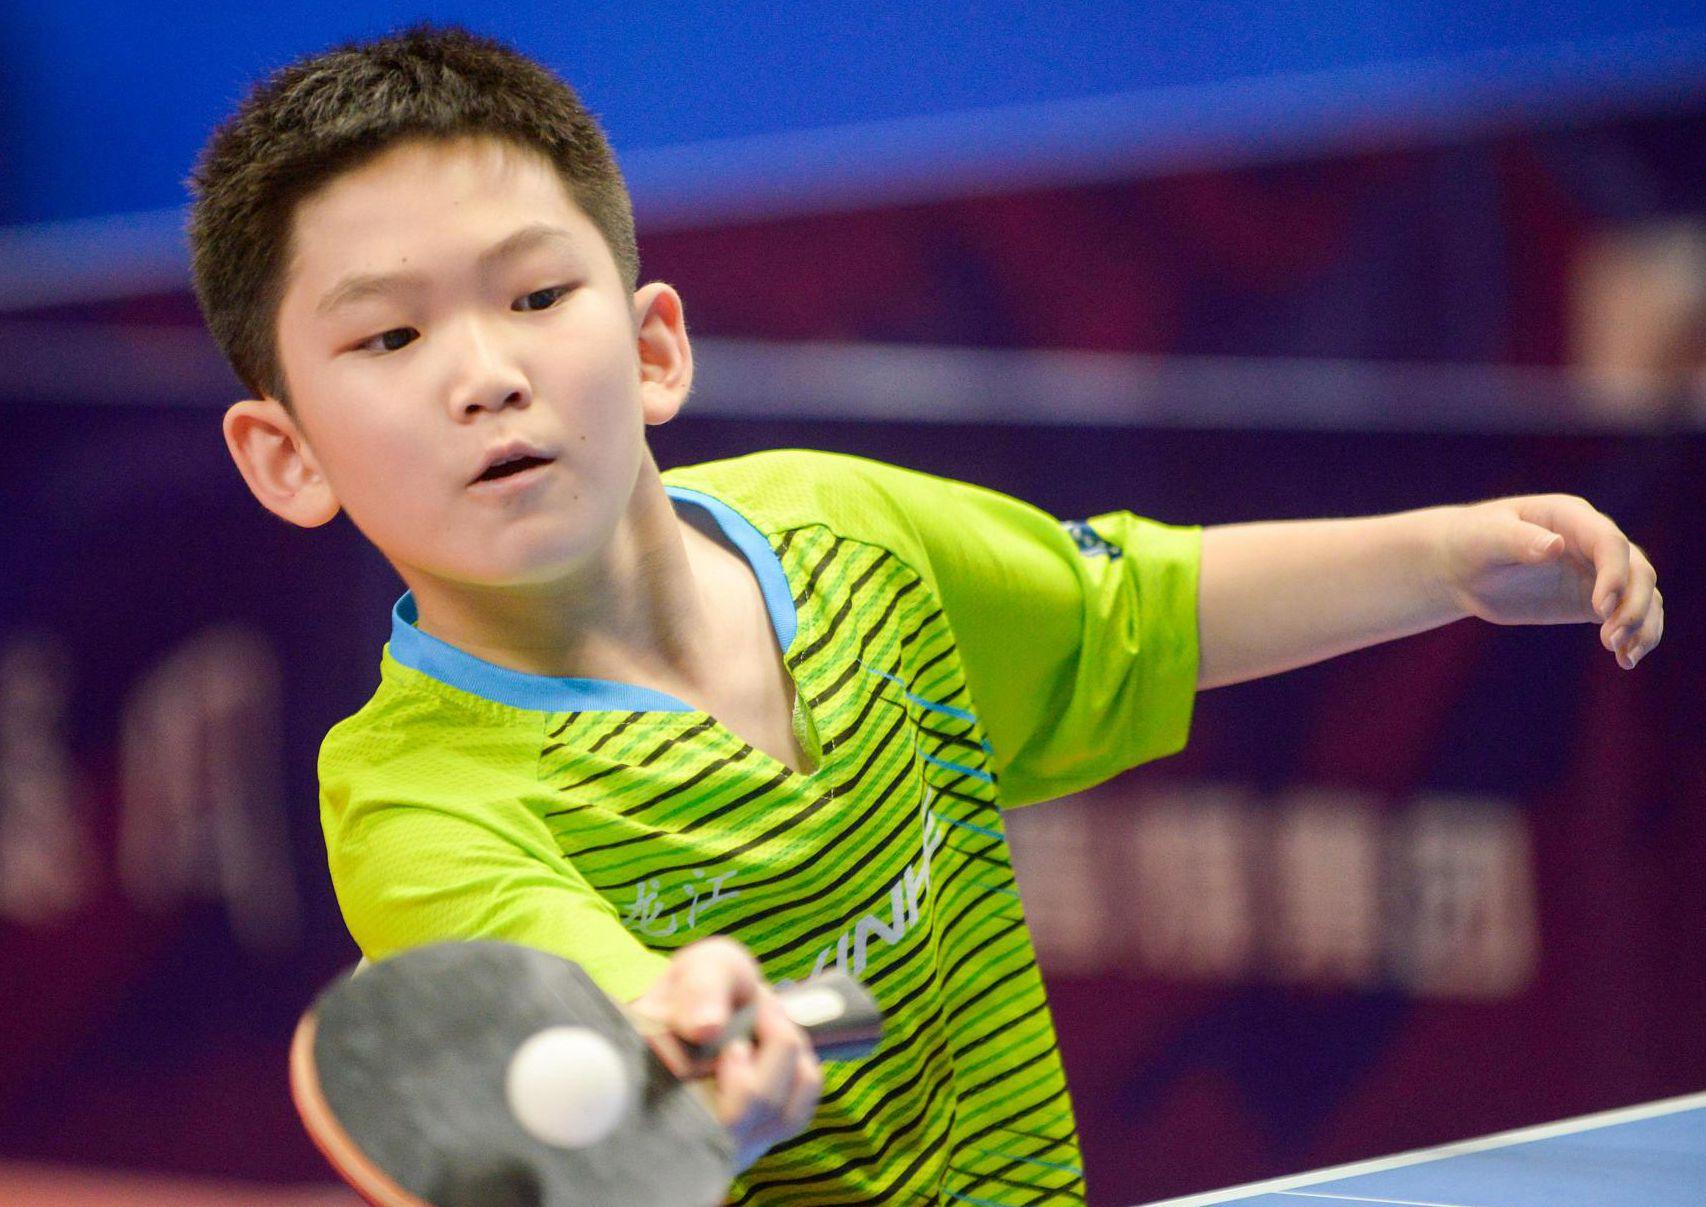 德州武城:中小学生体育联赛乒乓比赛激情上演